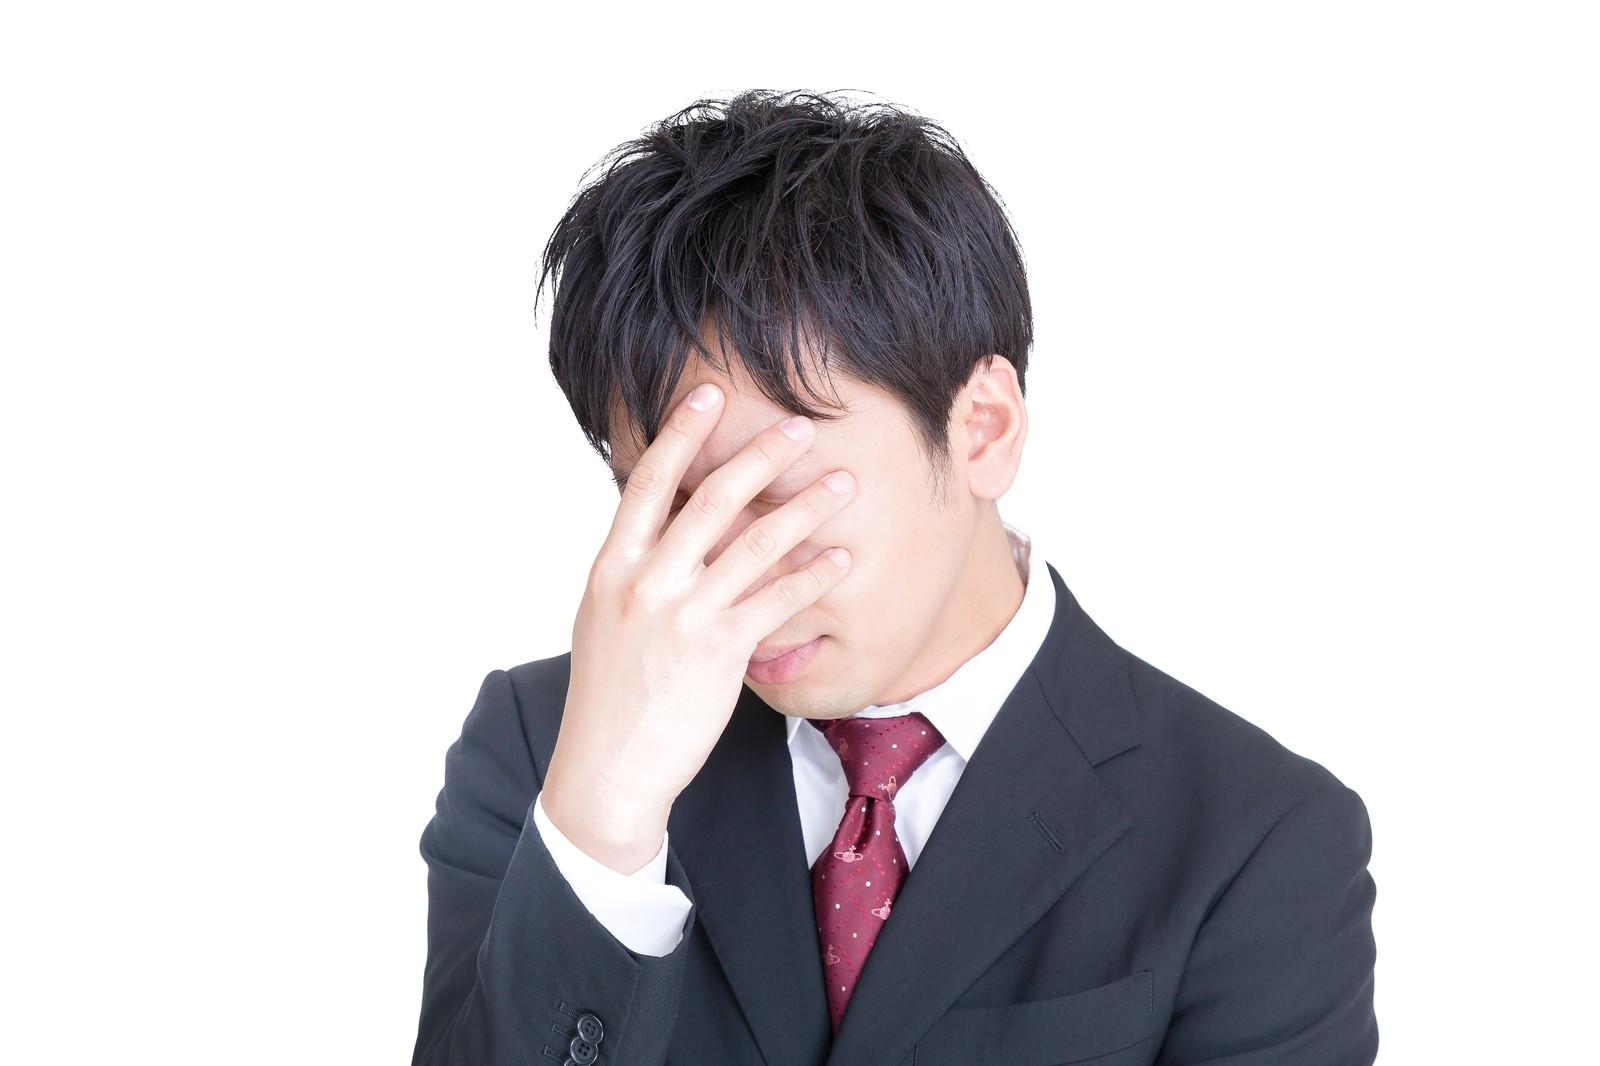 【自分史】vol.34 自己否定が起業の原点にあると、成功するほど苦しくなる